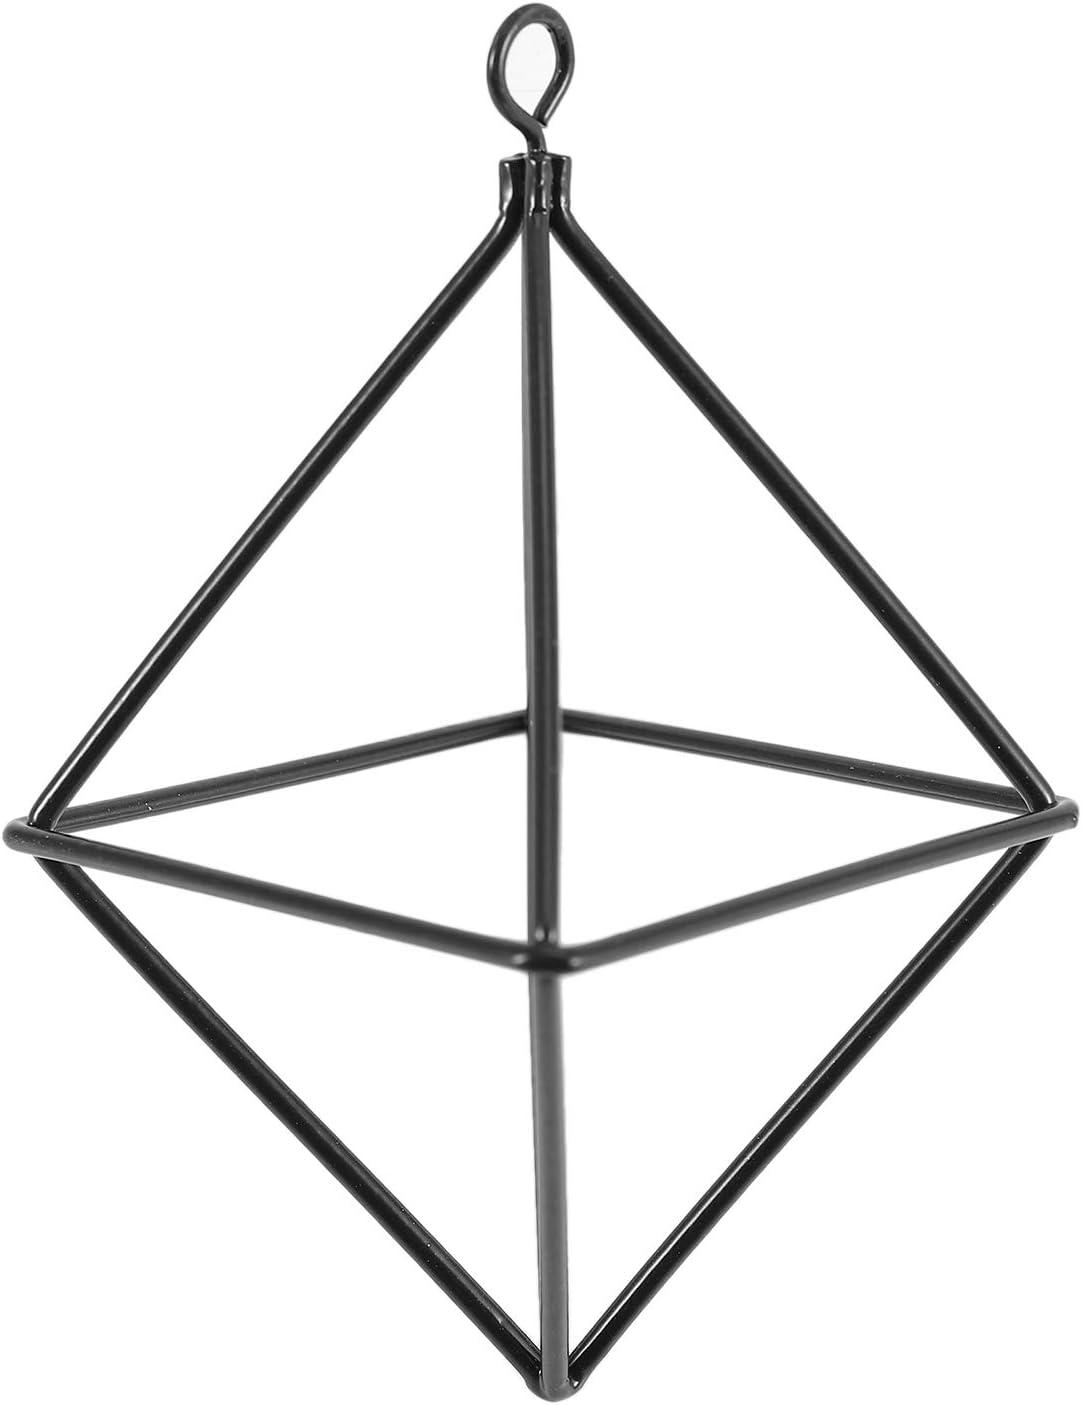 Andifany Jardineras Colgantes Independientes Columpio GeoméTrico Hierro Forjado Tillandsia Soporte de Plantas de Aire Bastidor de Metal con Forma Triangular Negro